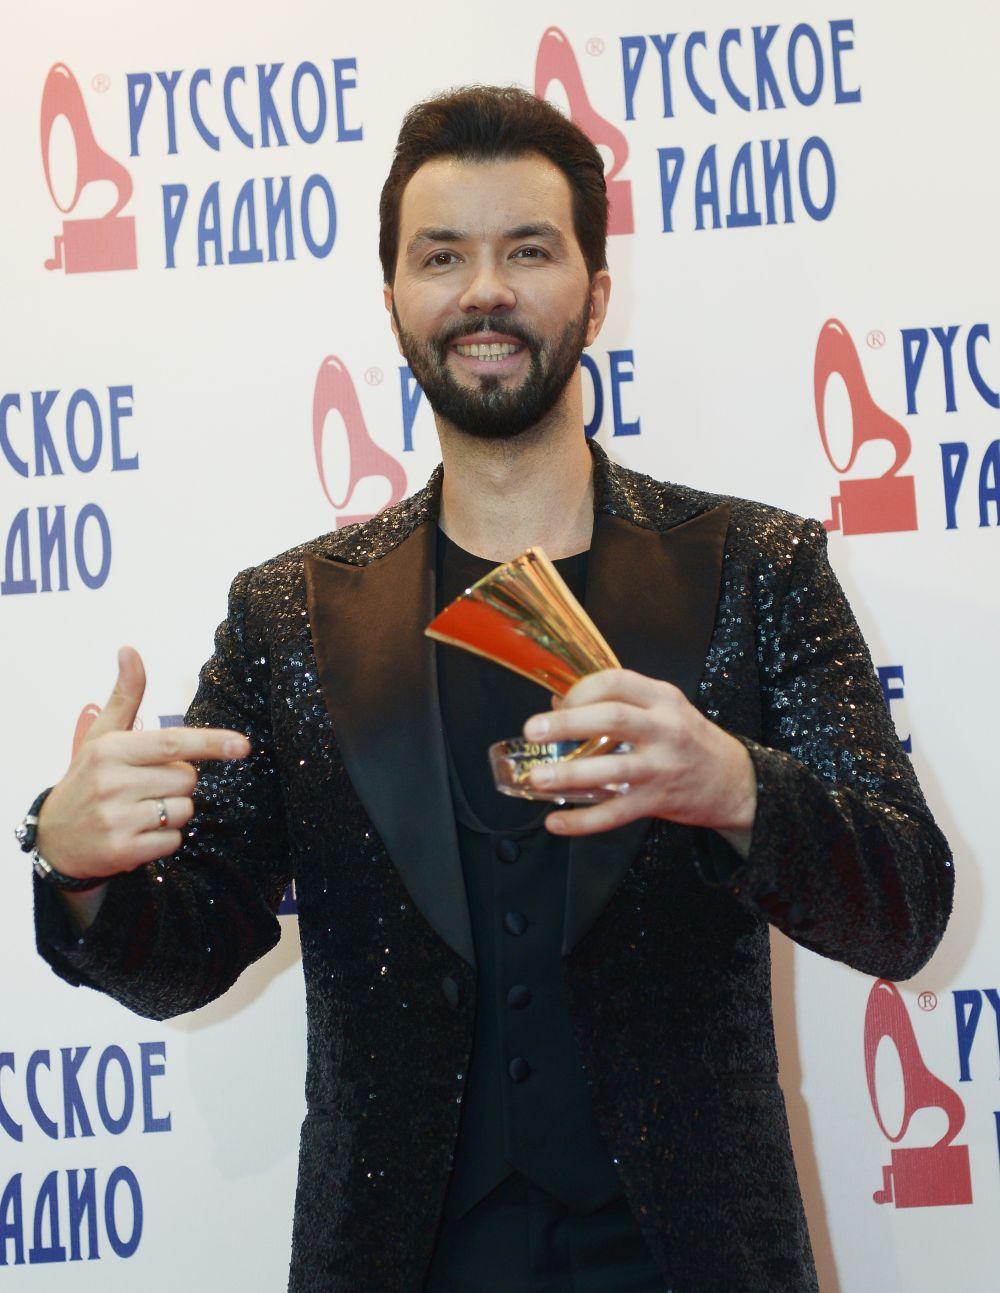 Певец Денис Клявер наXXI Церемонии вручения национальной музыкальной премии «Золотой граммофон» вСК«Олимпийский» вМоскве.